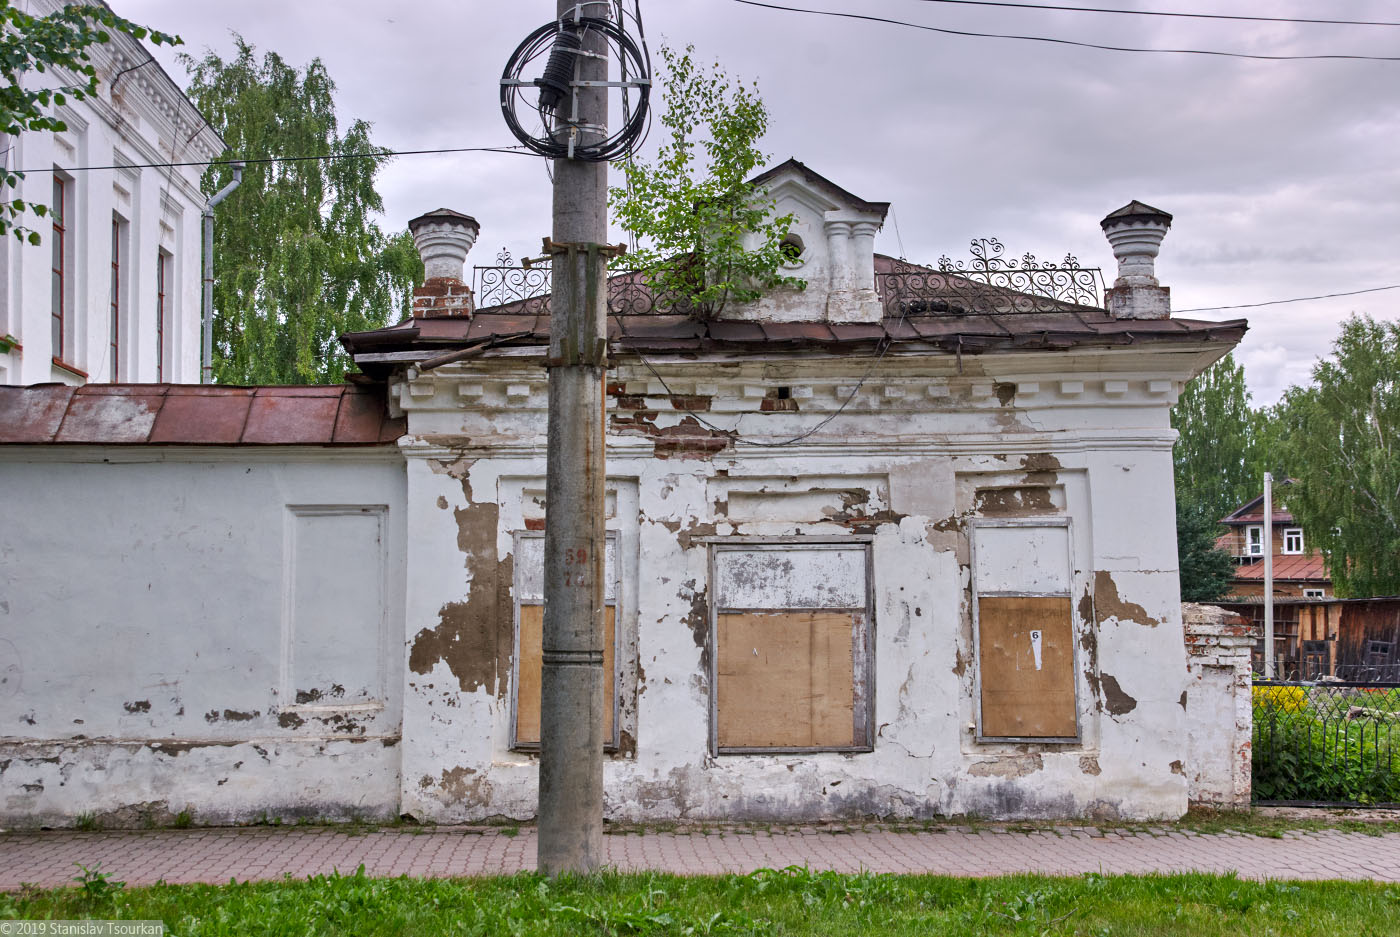 Вологодская область, Вологодчина, Великий устюг, Русский север,